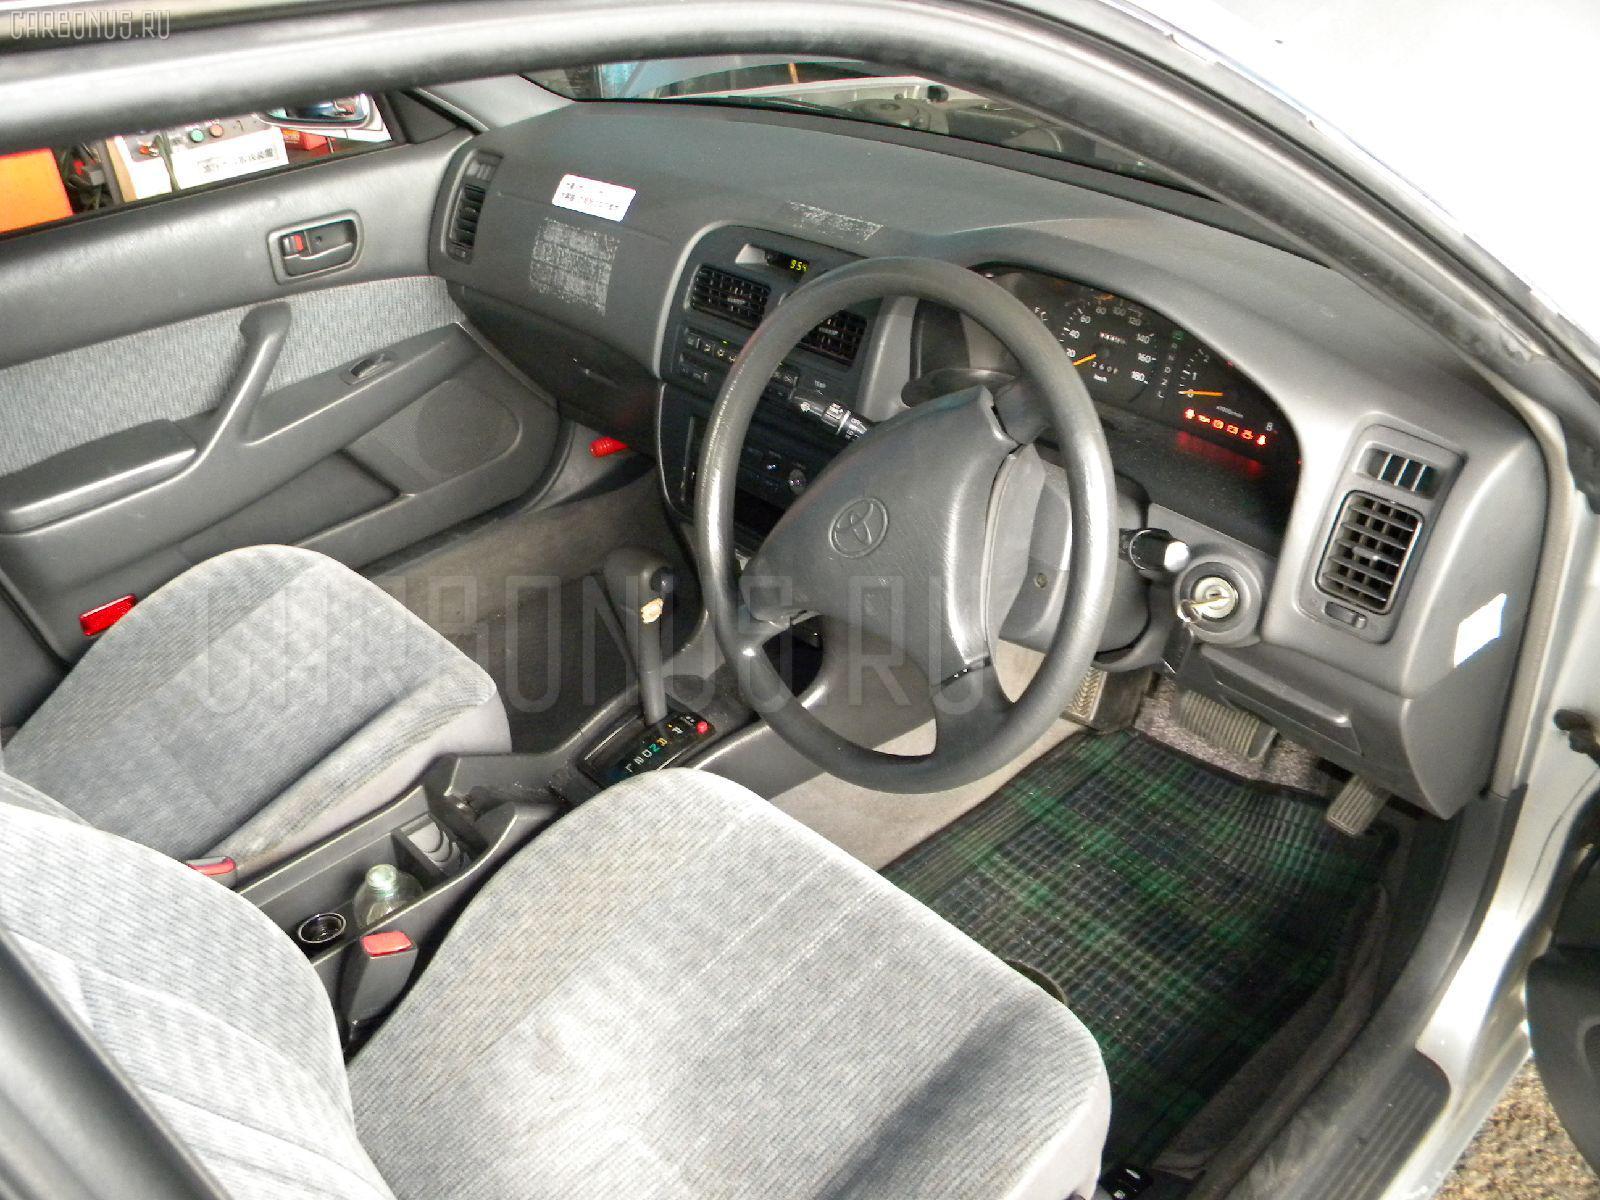 Toyota Виста sv40 фото